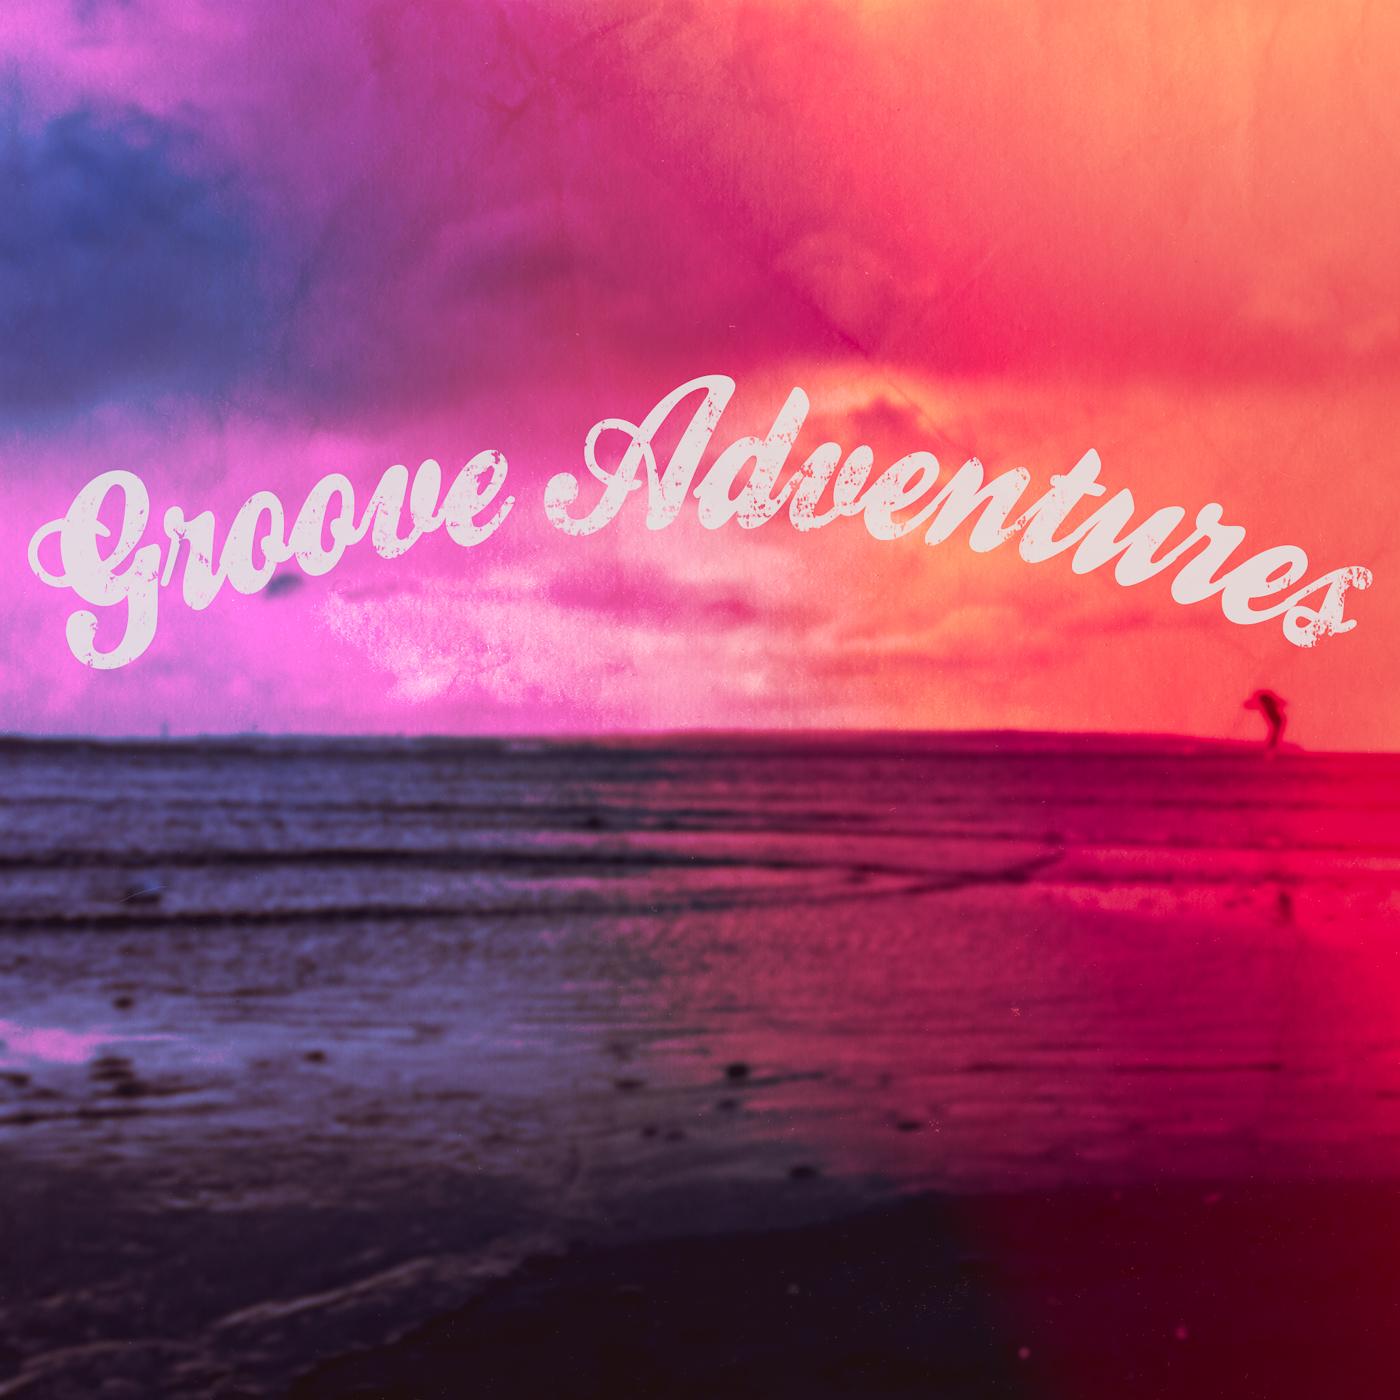 Groove Adventures